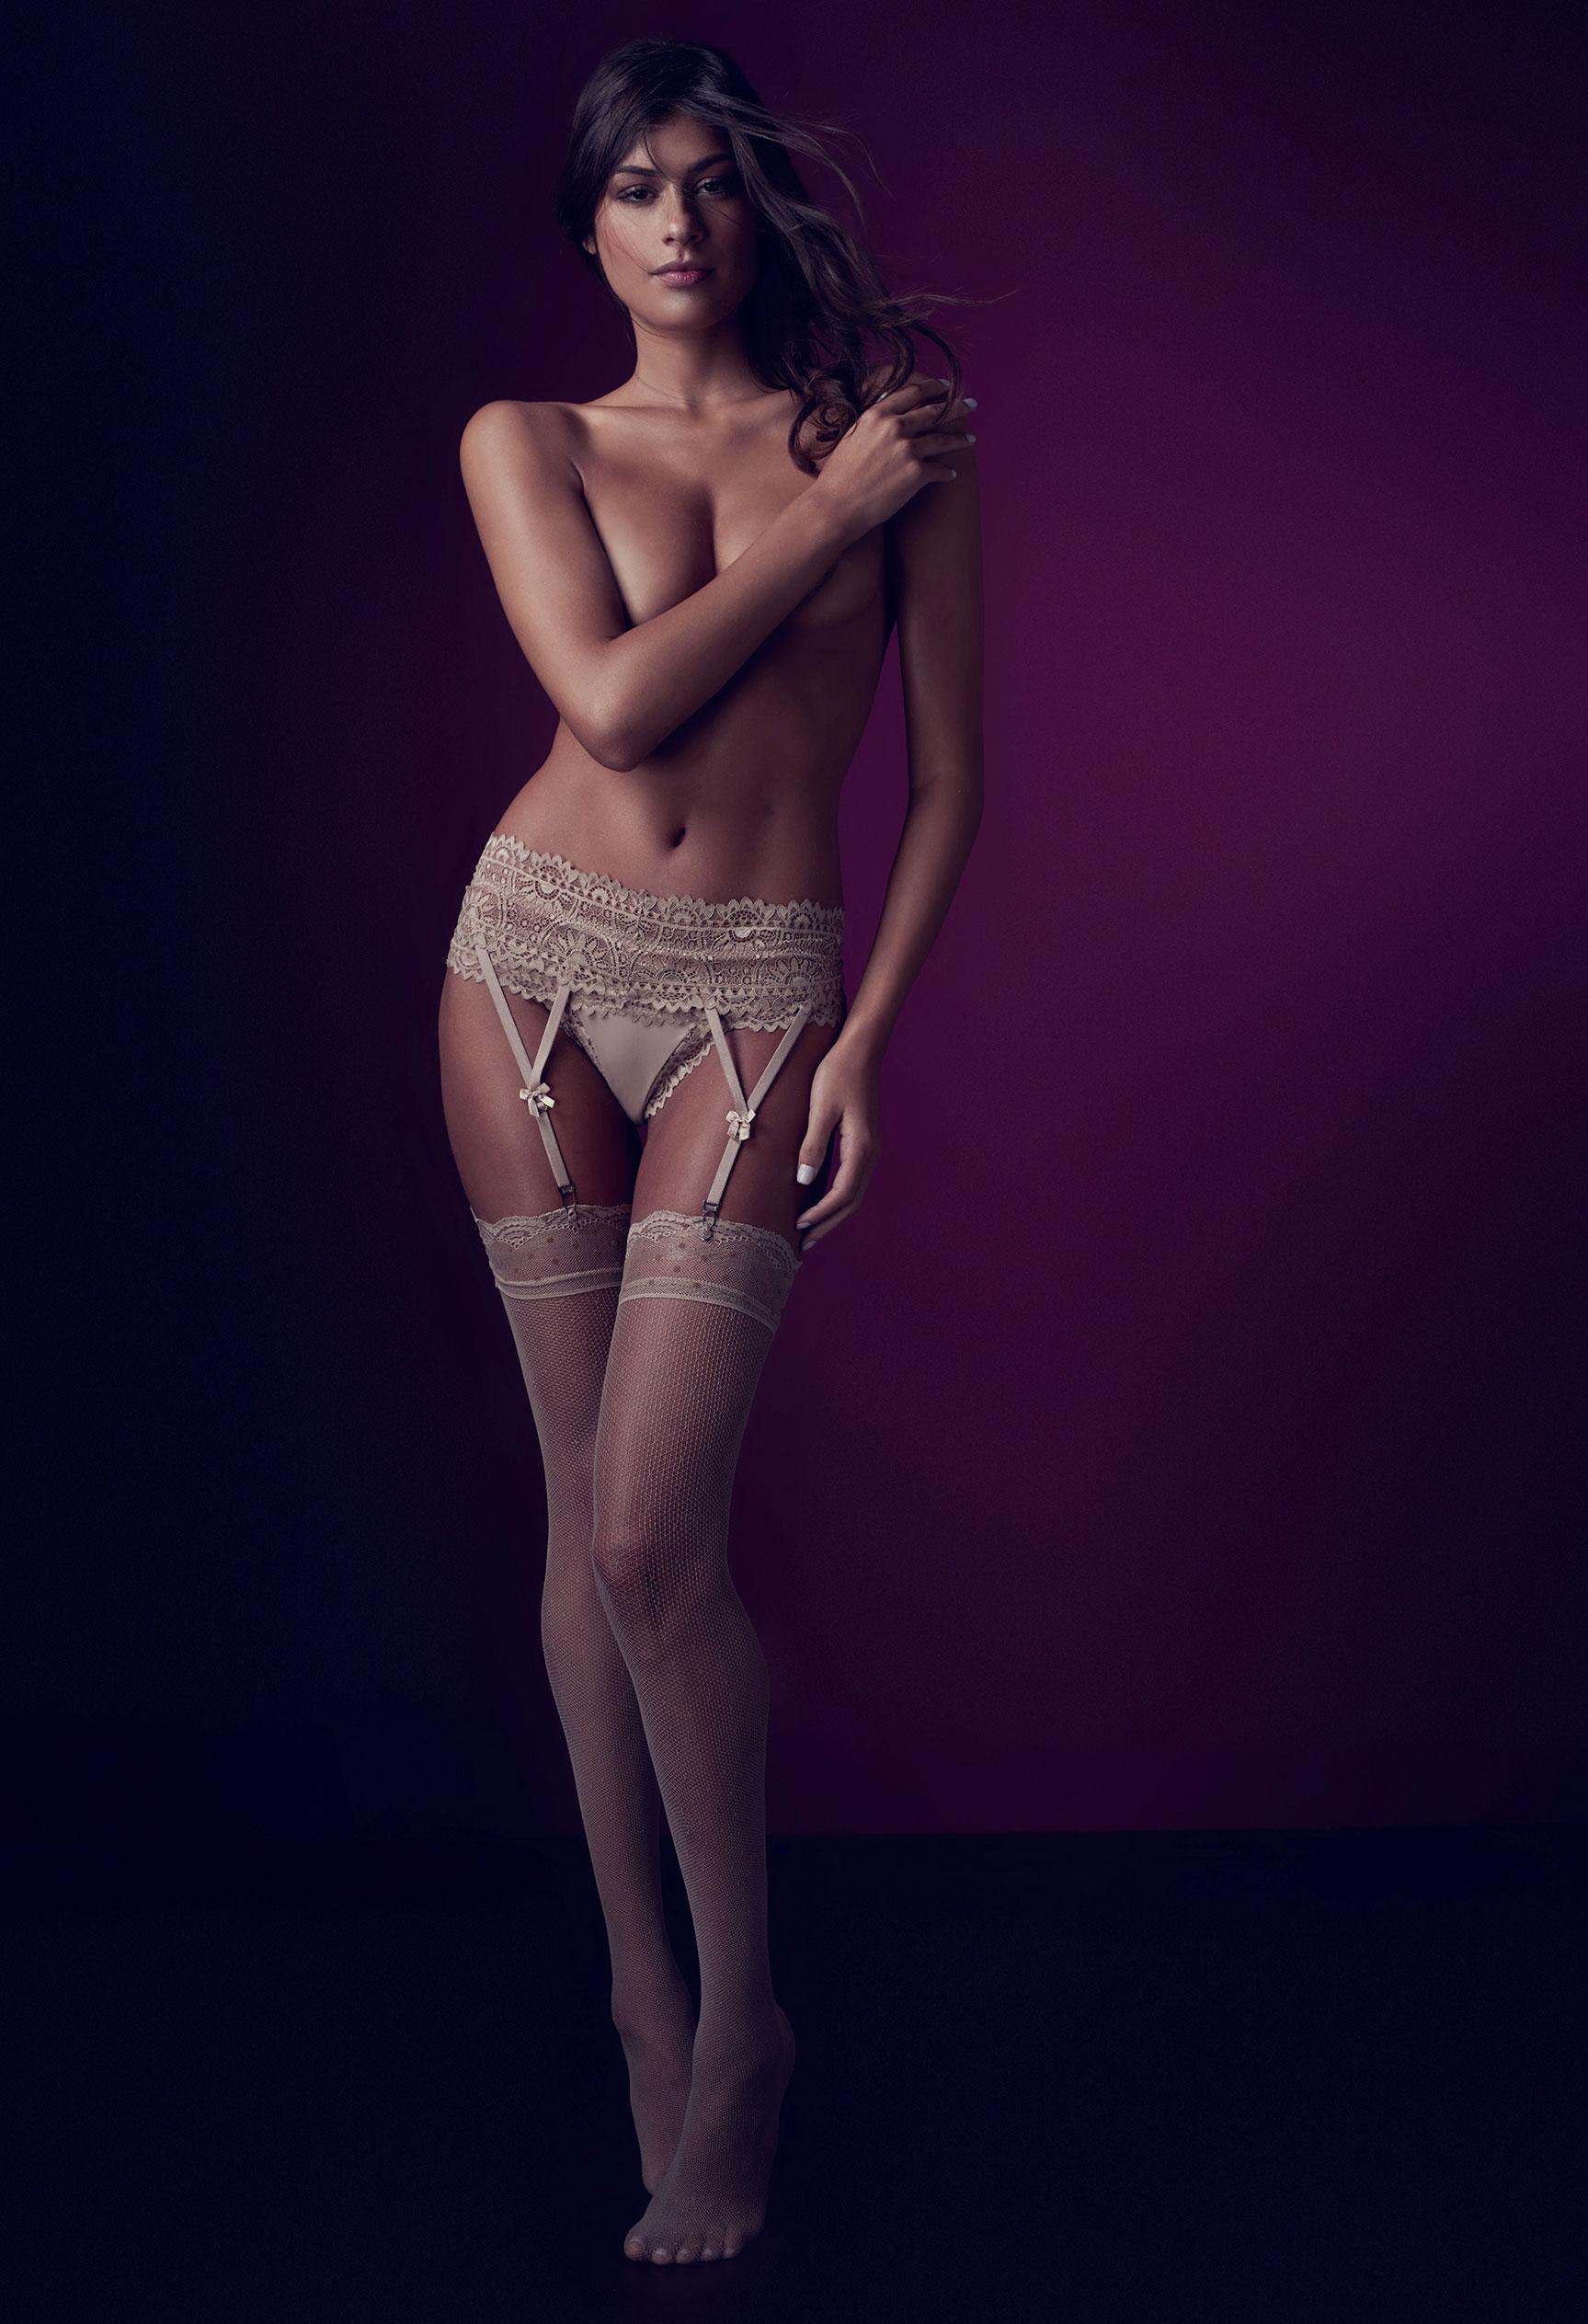 Талита Пирез в нижнем белье Agua Fresca / фото 04